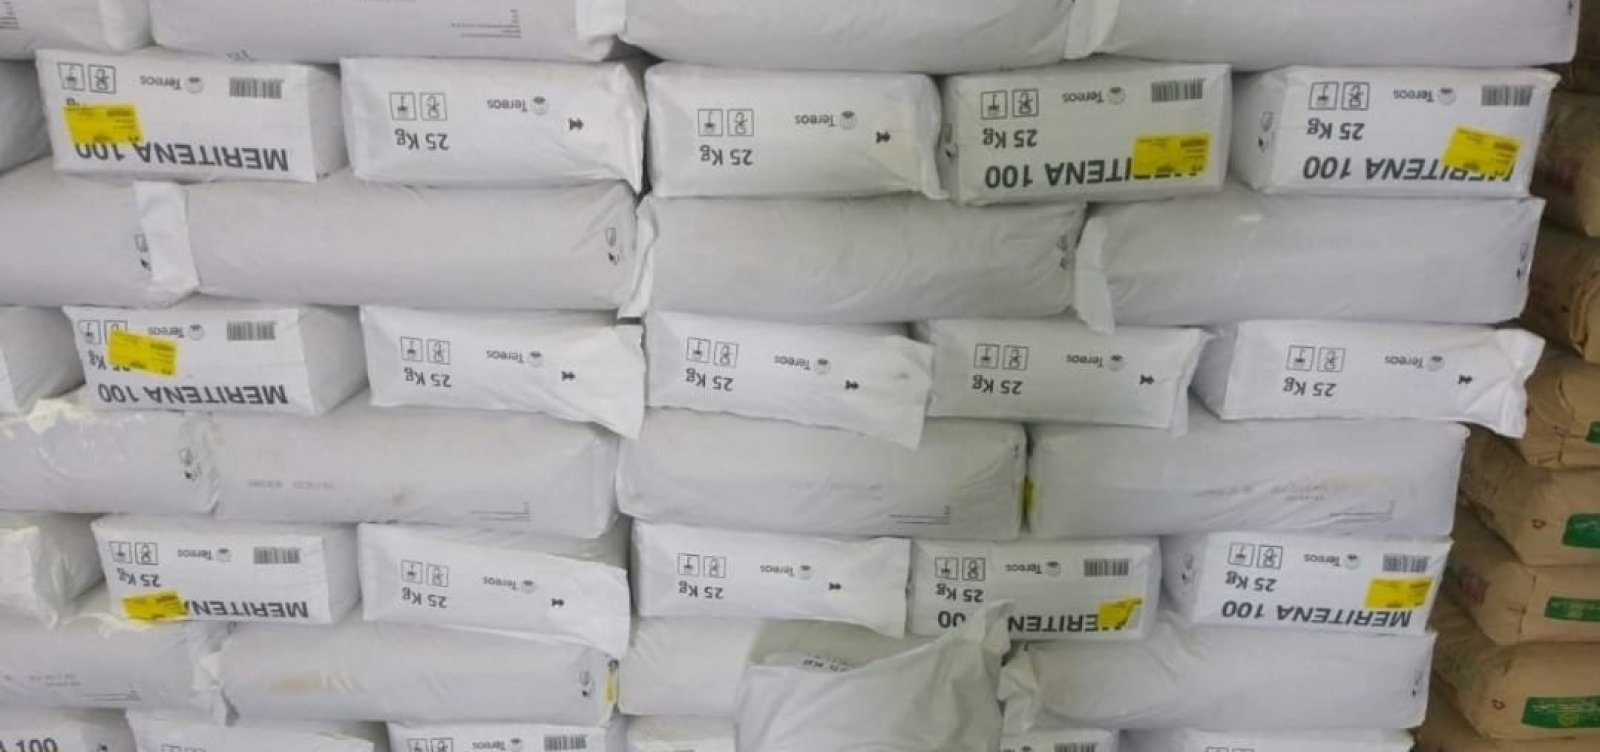 Carga de amido de milho roubada em Sergipe é recuperada na Bahia